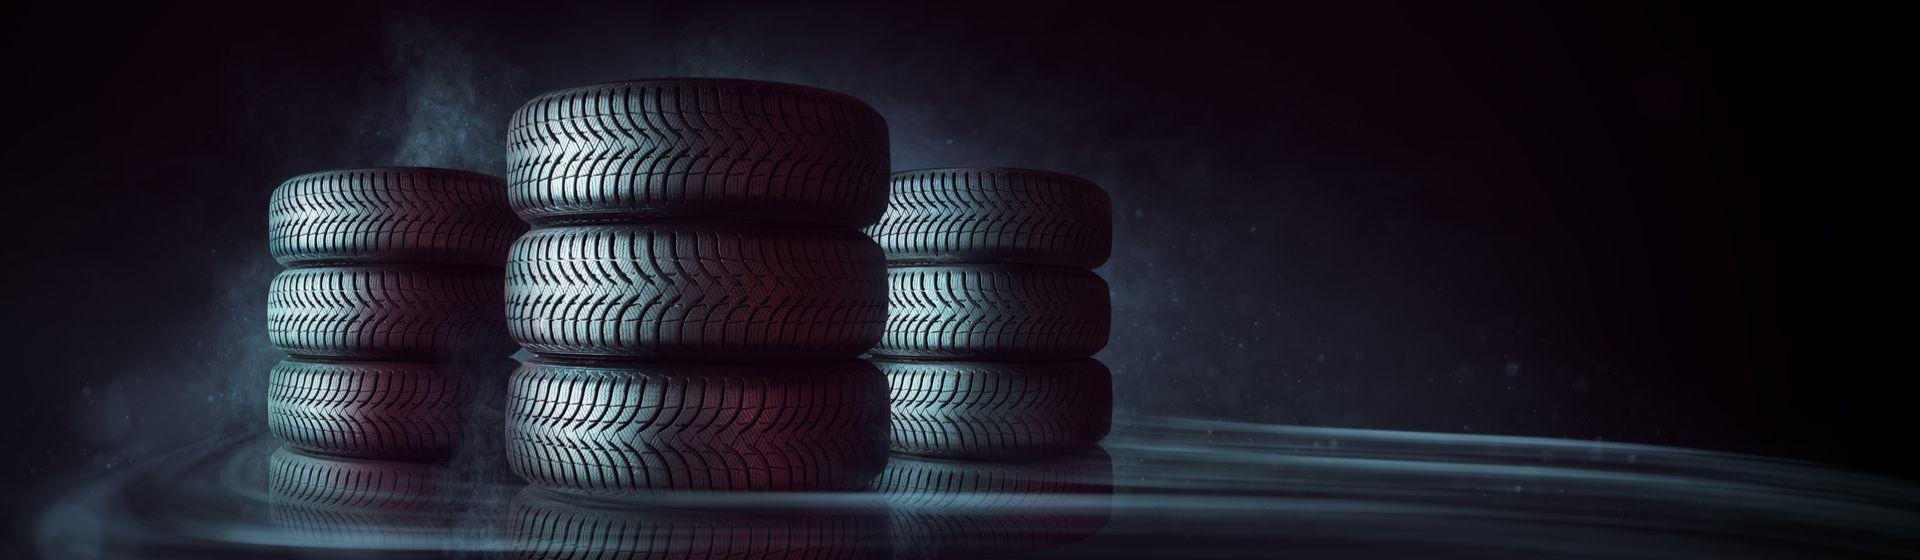 Quais são as melhores marcas de pneus para carros?